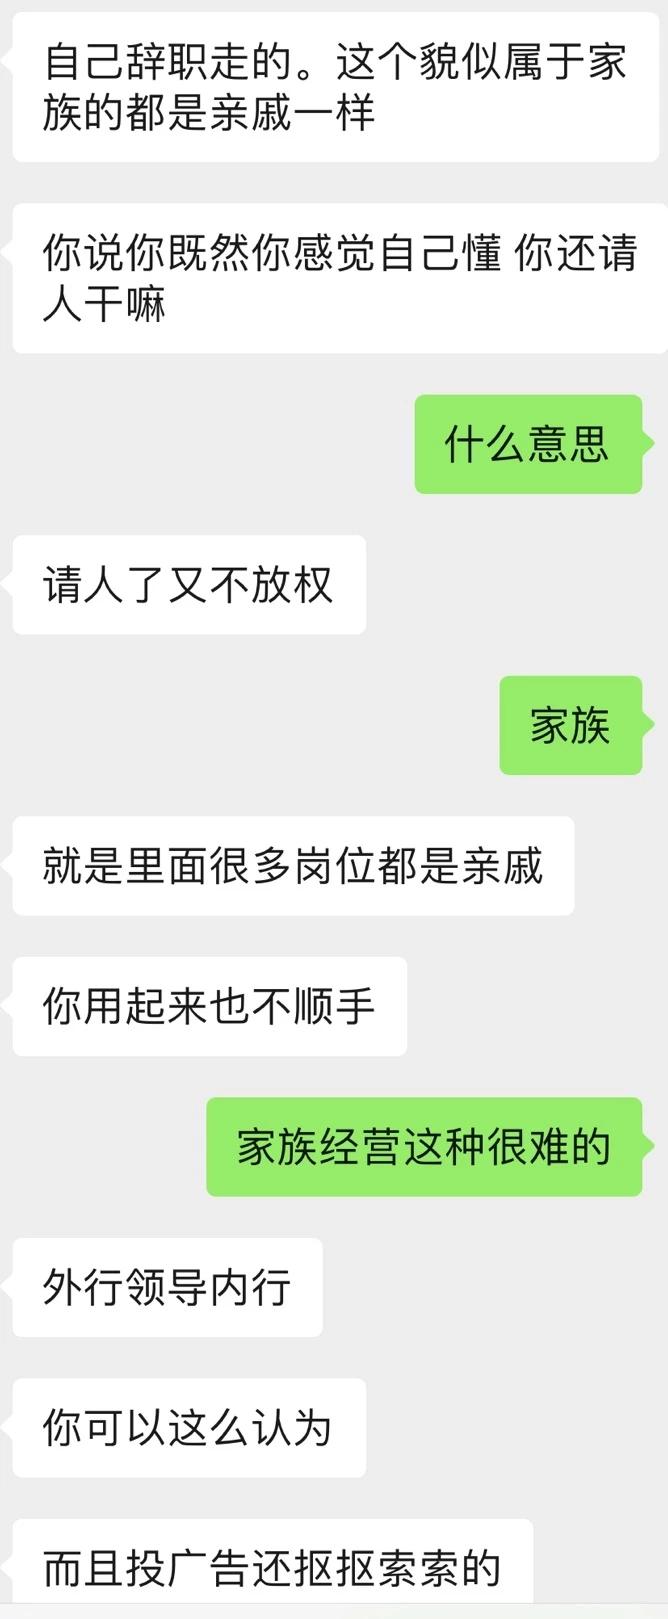 电子烟品牌BTM贝爷CMO张友现离职,据传与老板理念不合